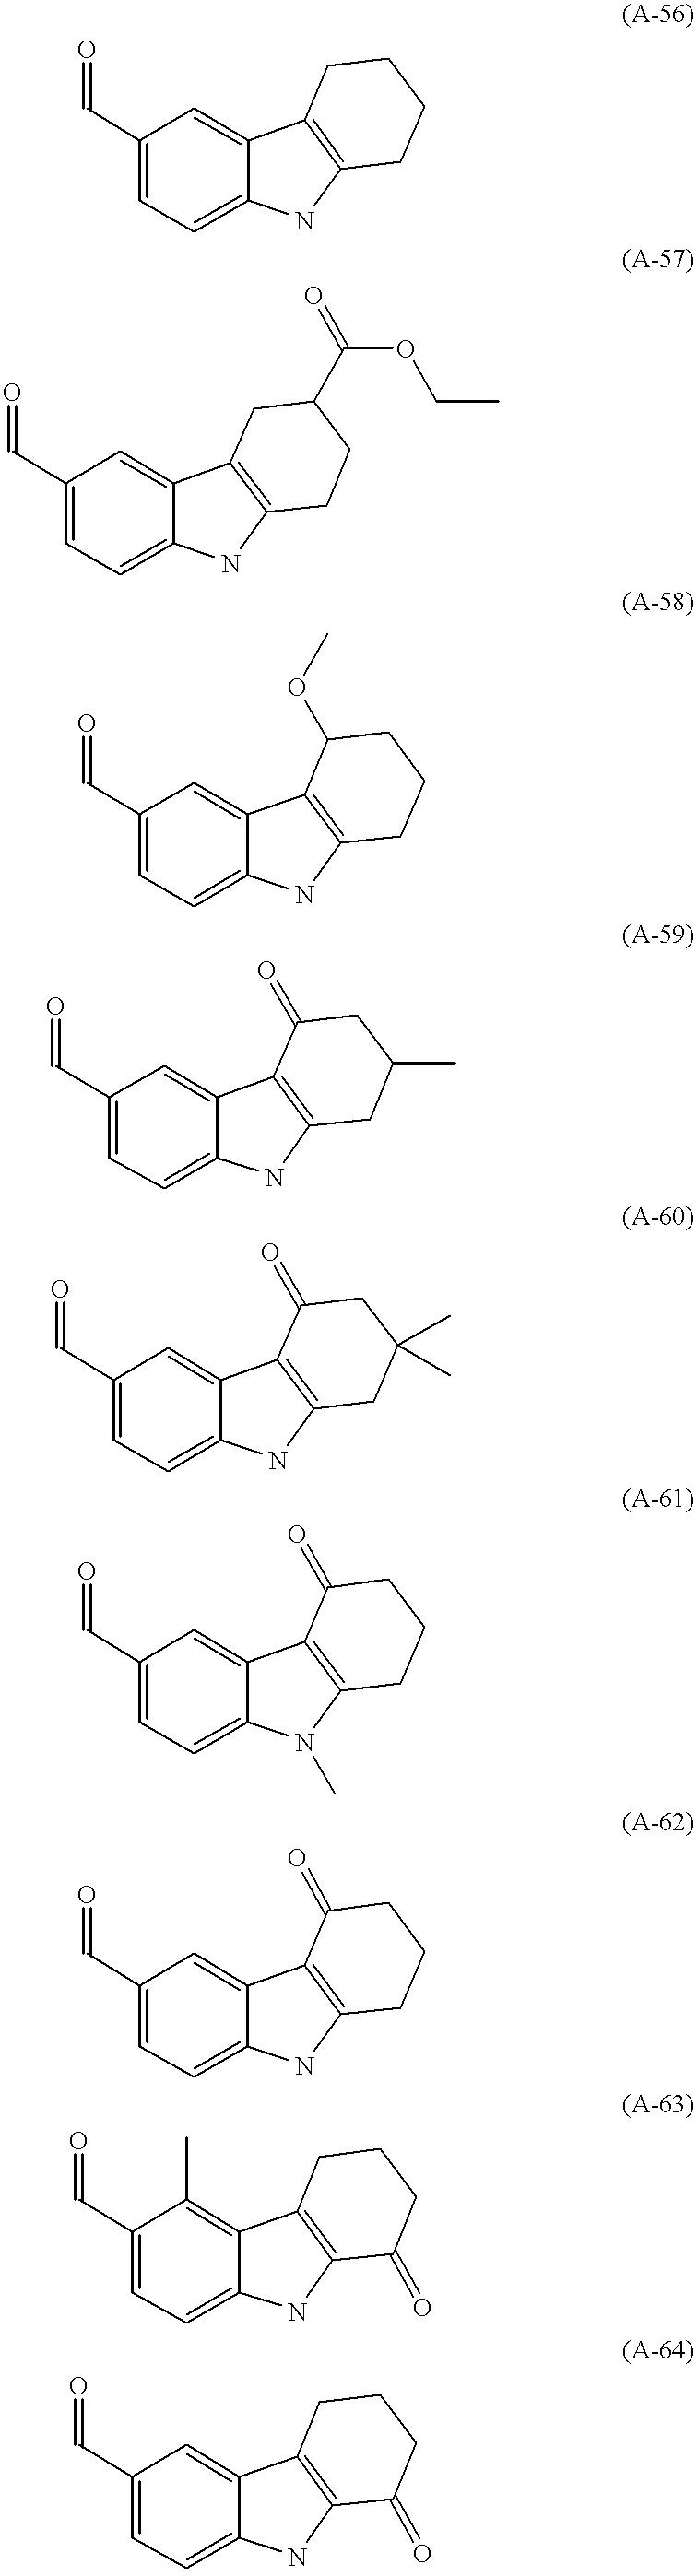 Figure US06514981-20030204-C00022